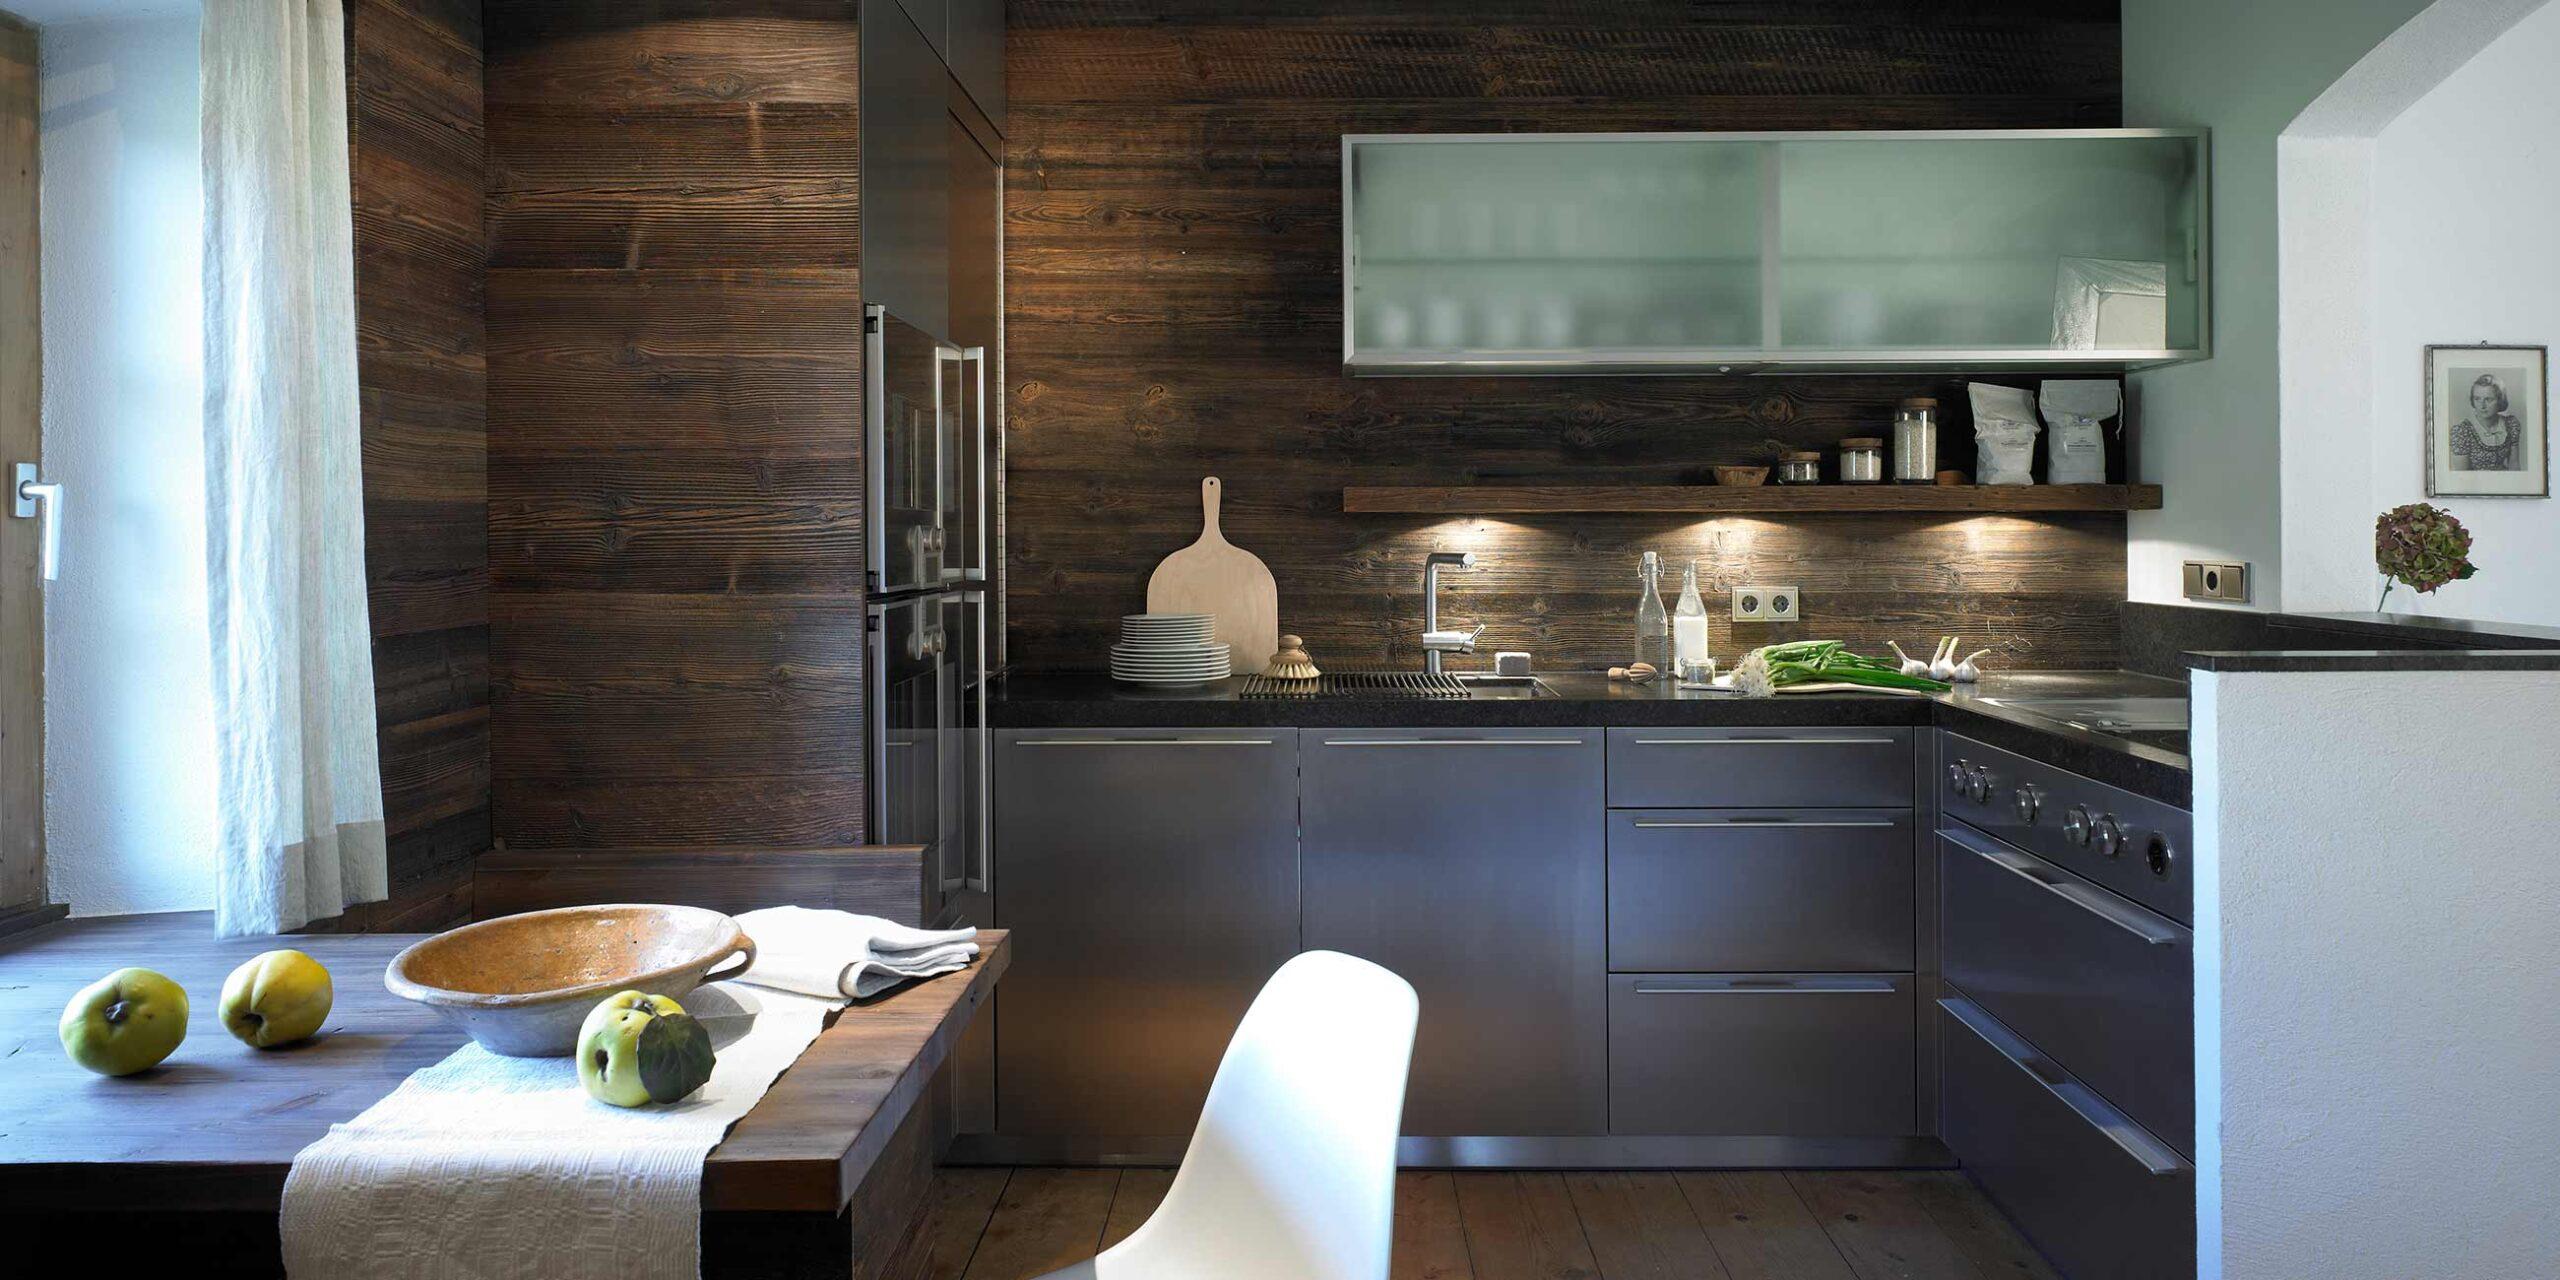 Full Size of Edelstahl Küchen Edelstahlküche Garten Regal Outdoor Küche Gebraucht Wohnzimmer Edelstahl Küchen